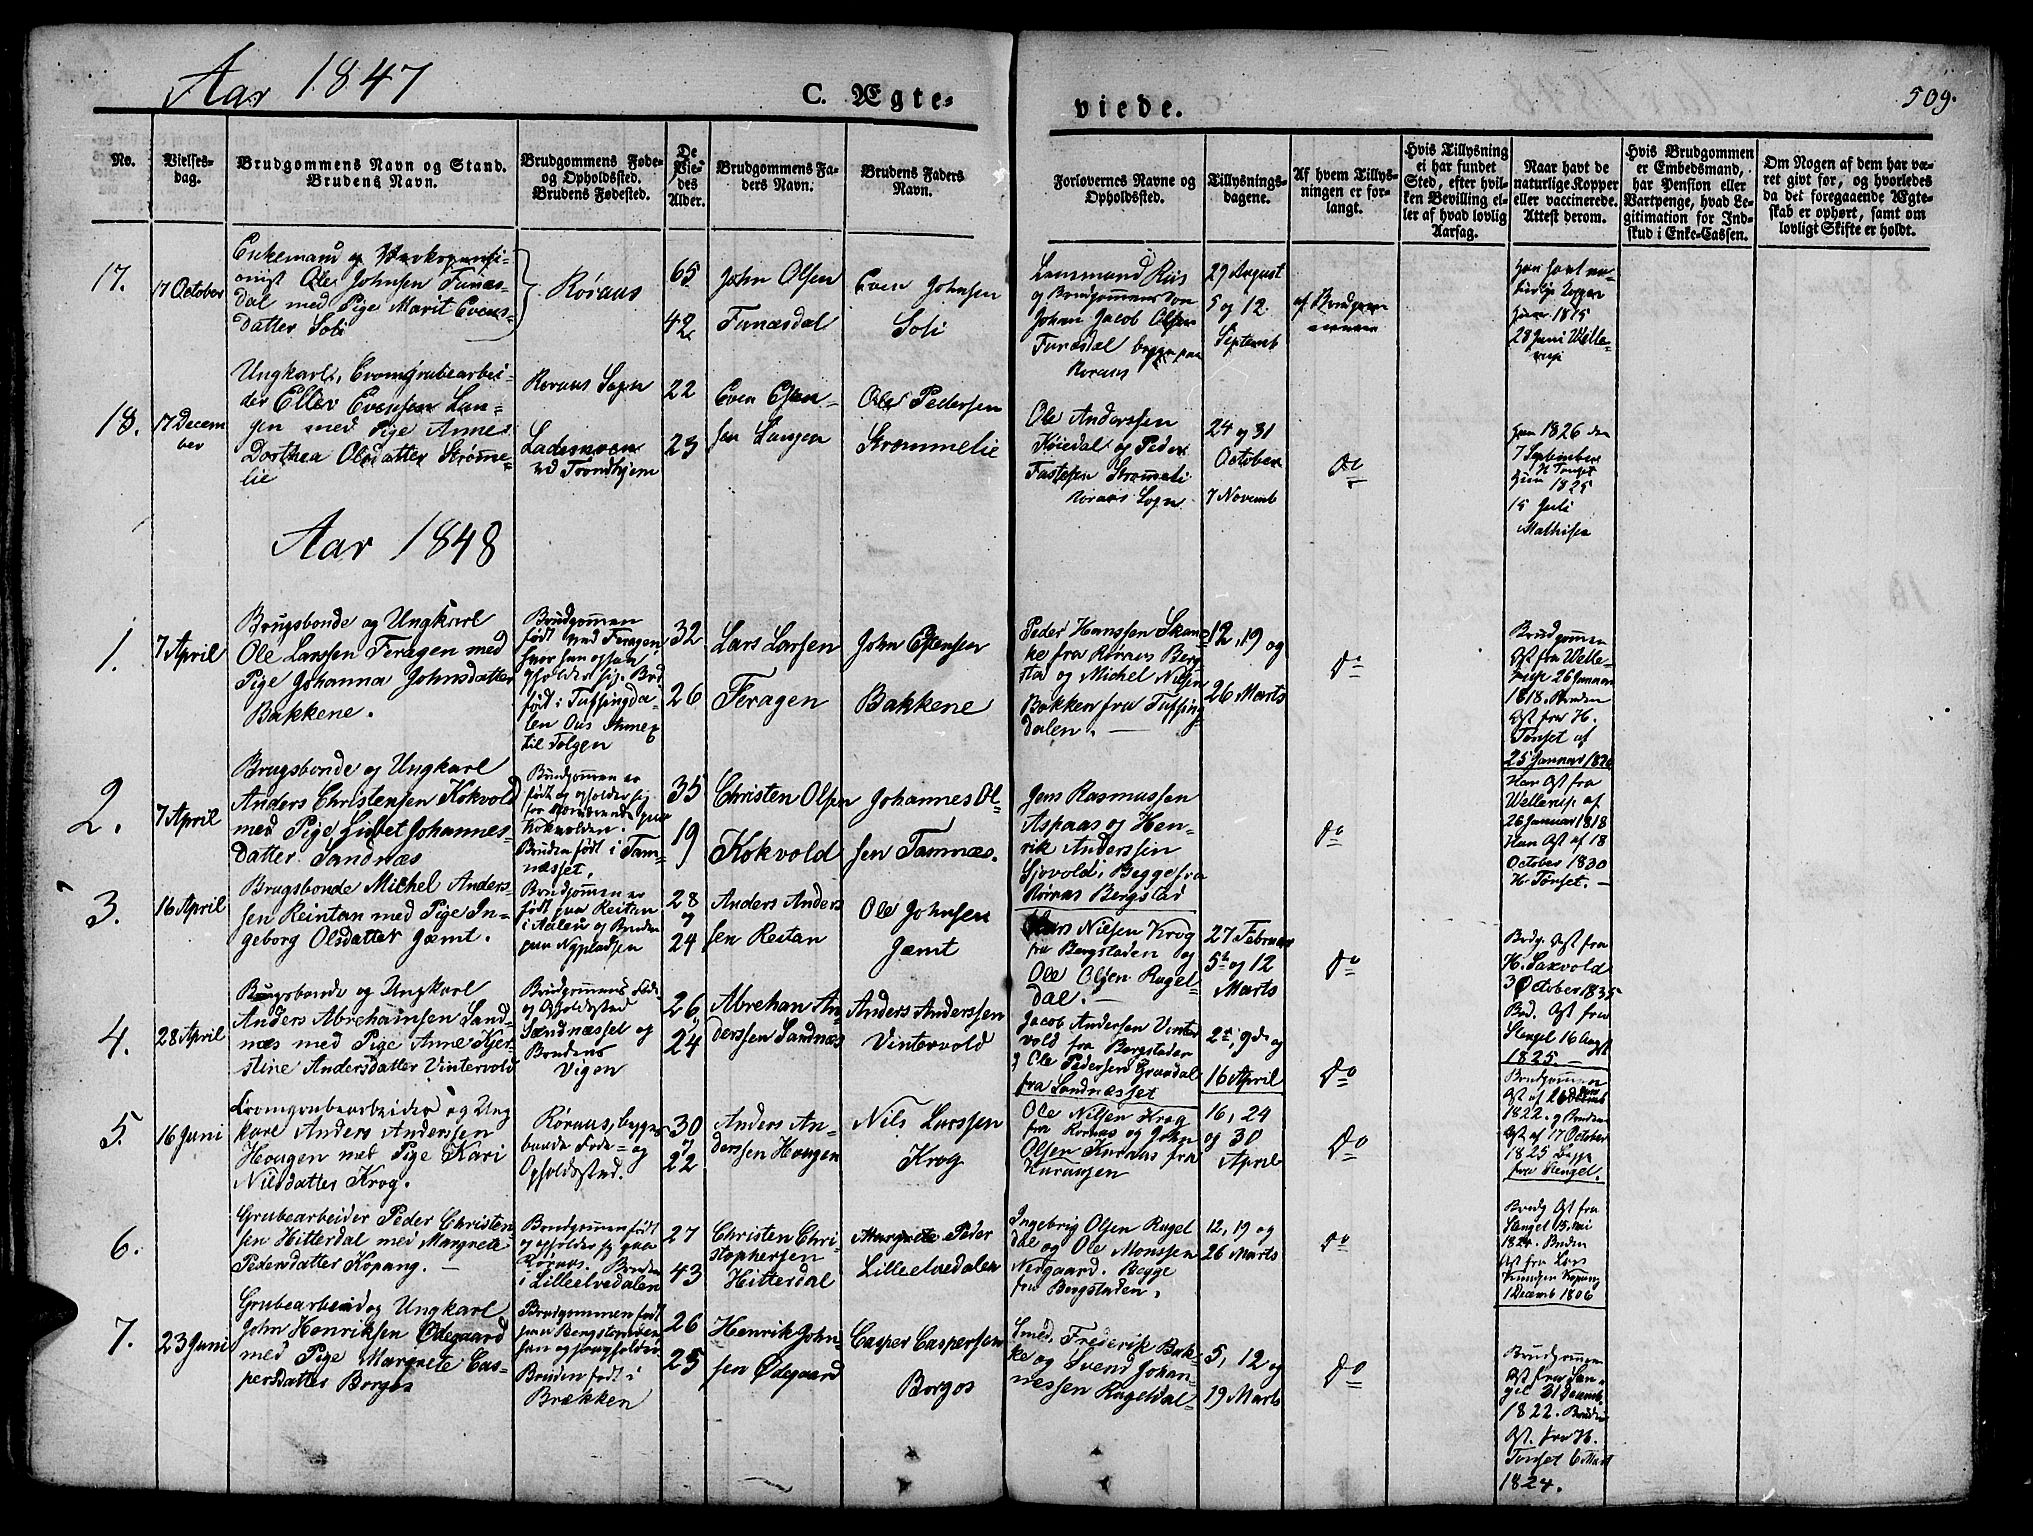 SAT, Ministerialprotokoller, klokkerbøker og fødselsregistre - Sør-Trøndelag, 681/L0939: Klokkerbok nr. 681C03, 1829-1855, s. 509